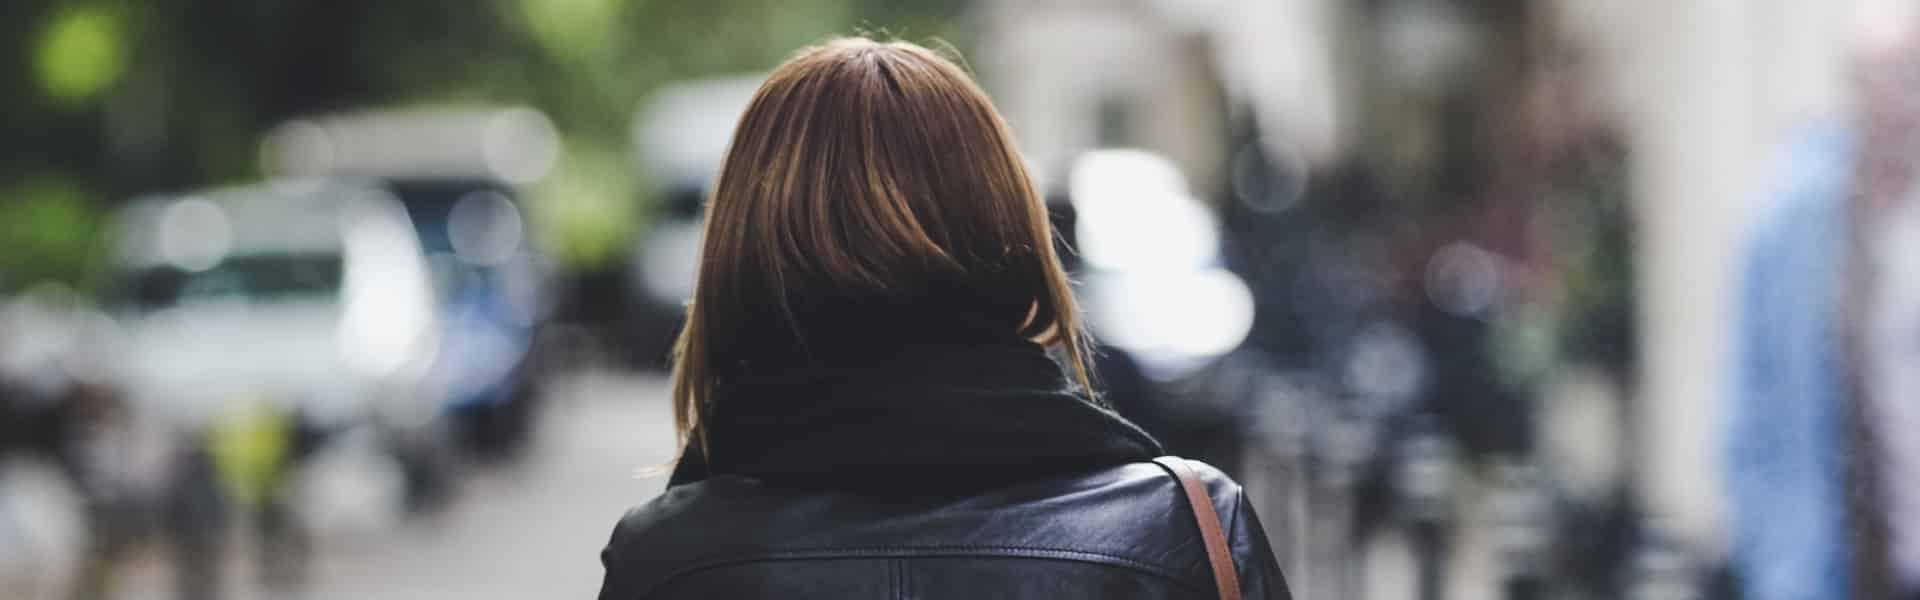 Célibataire souffrant de dépendance affective